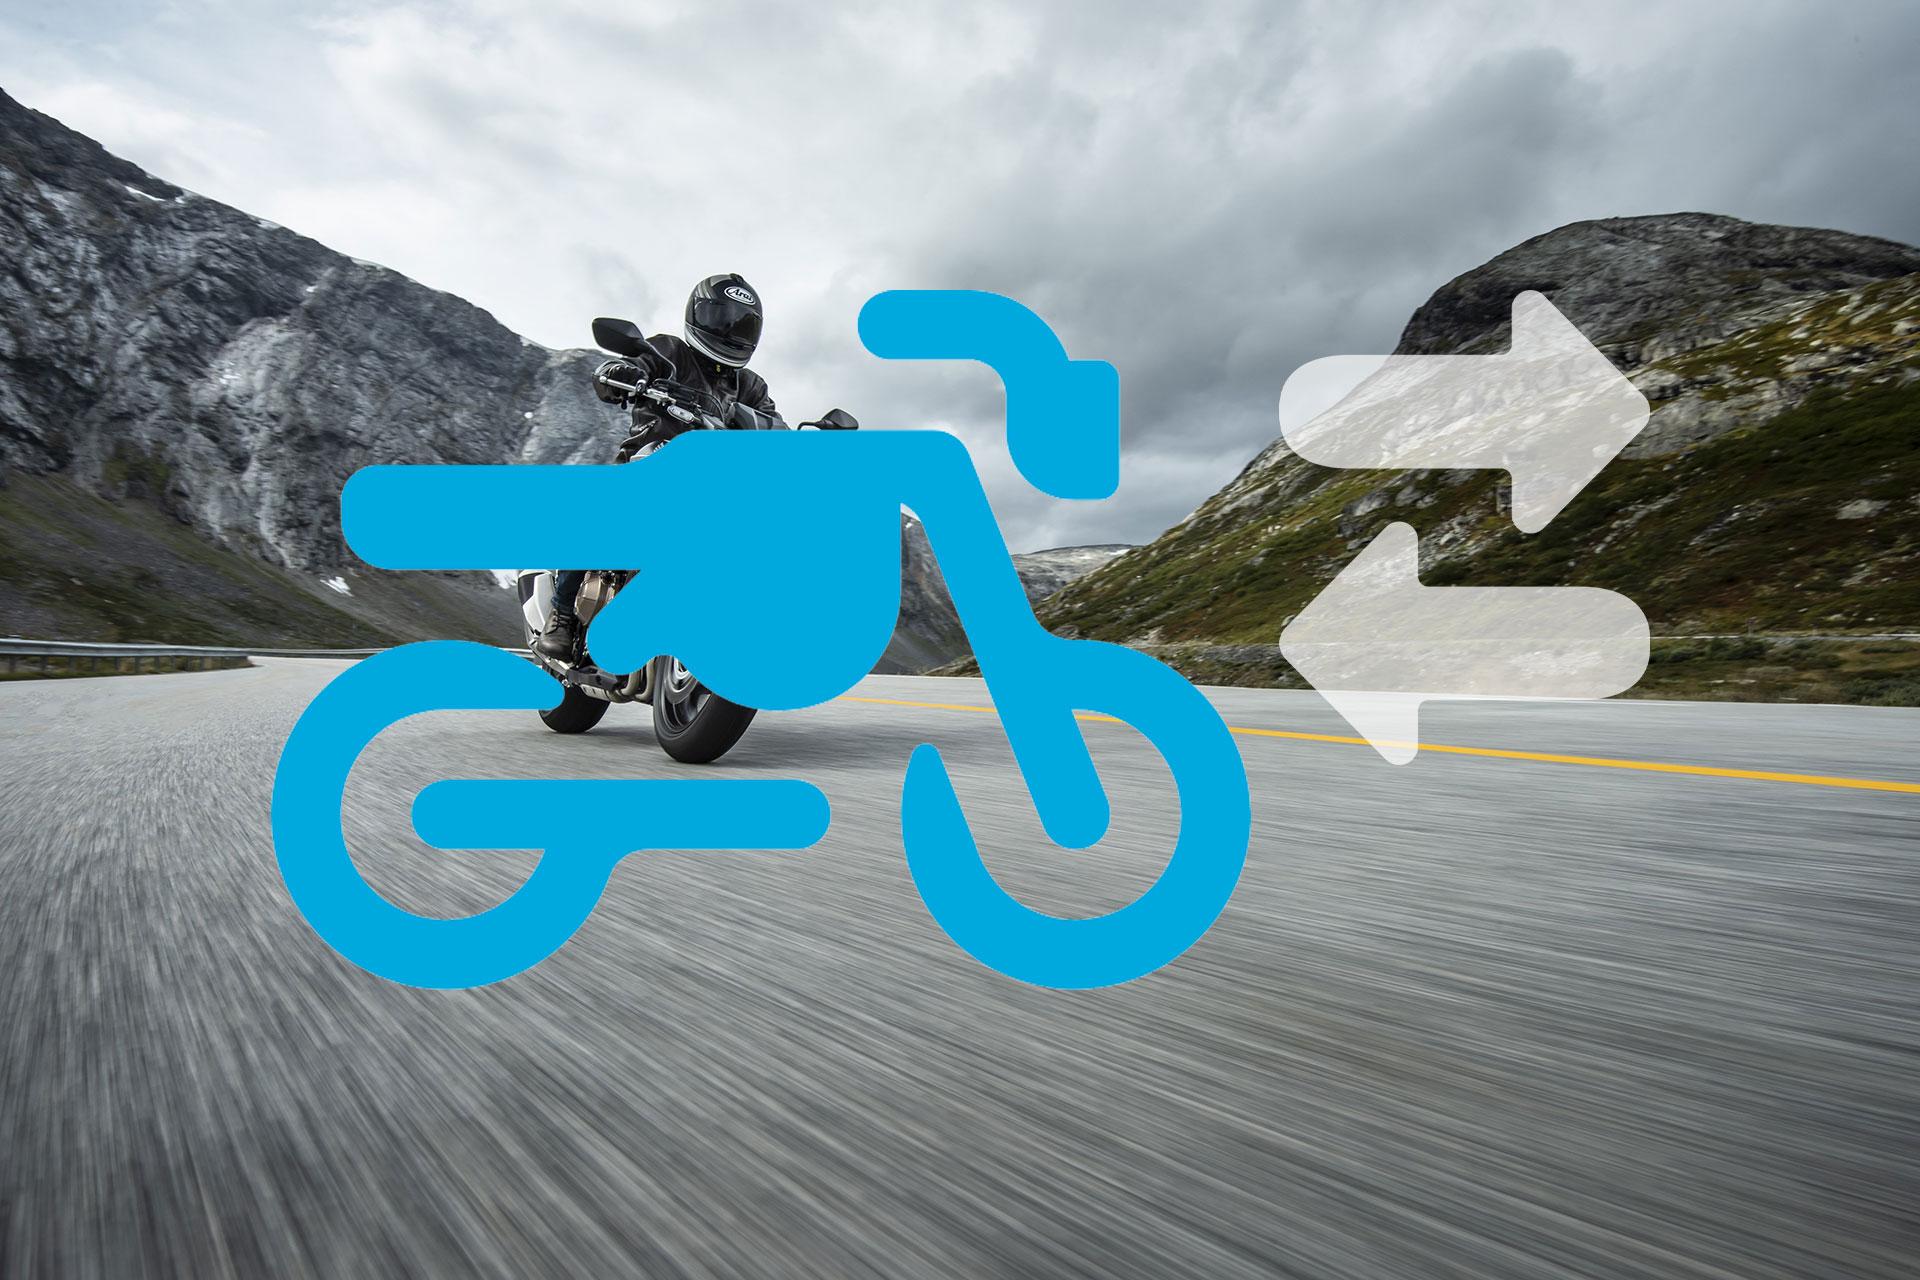 ¿Qué pasa con Mapit en caso de vender mi moto?